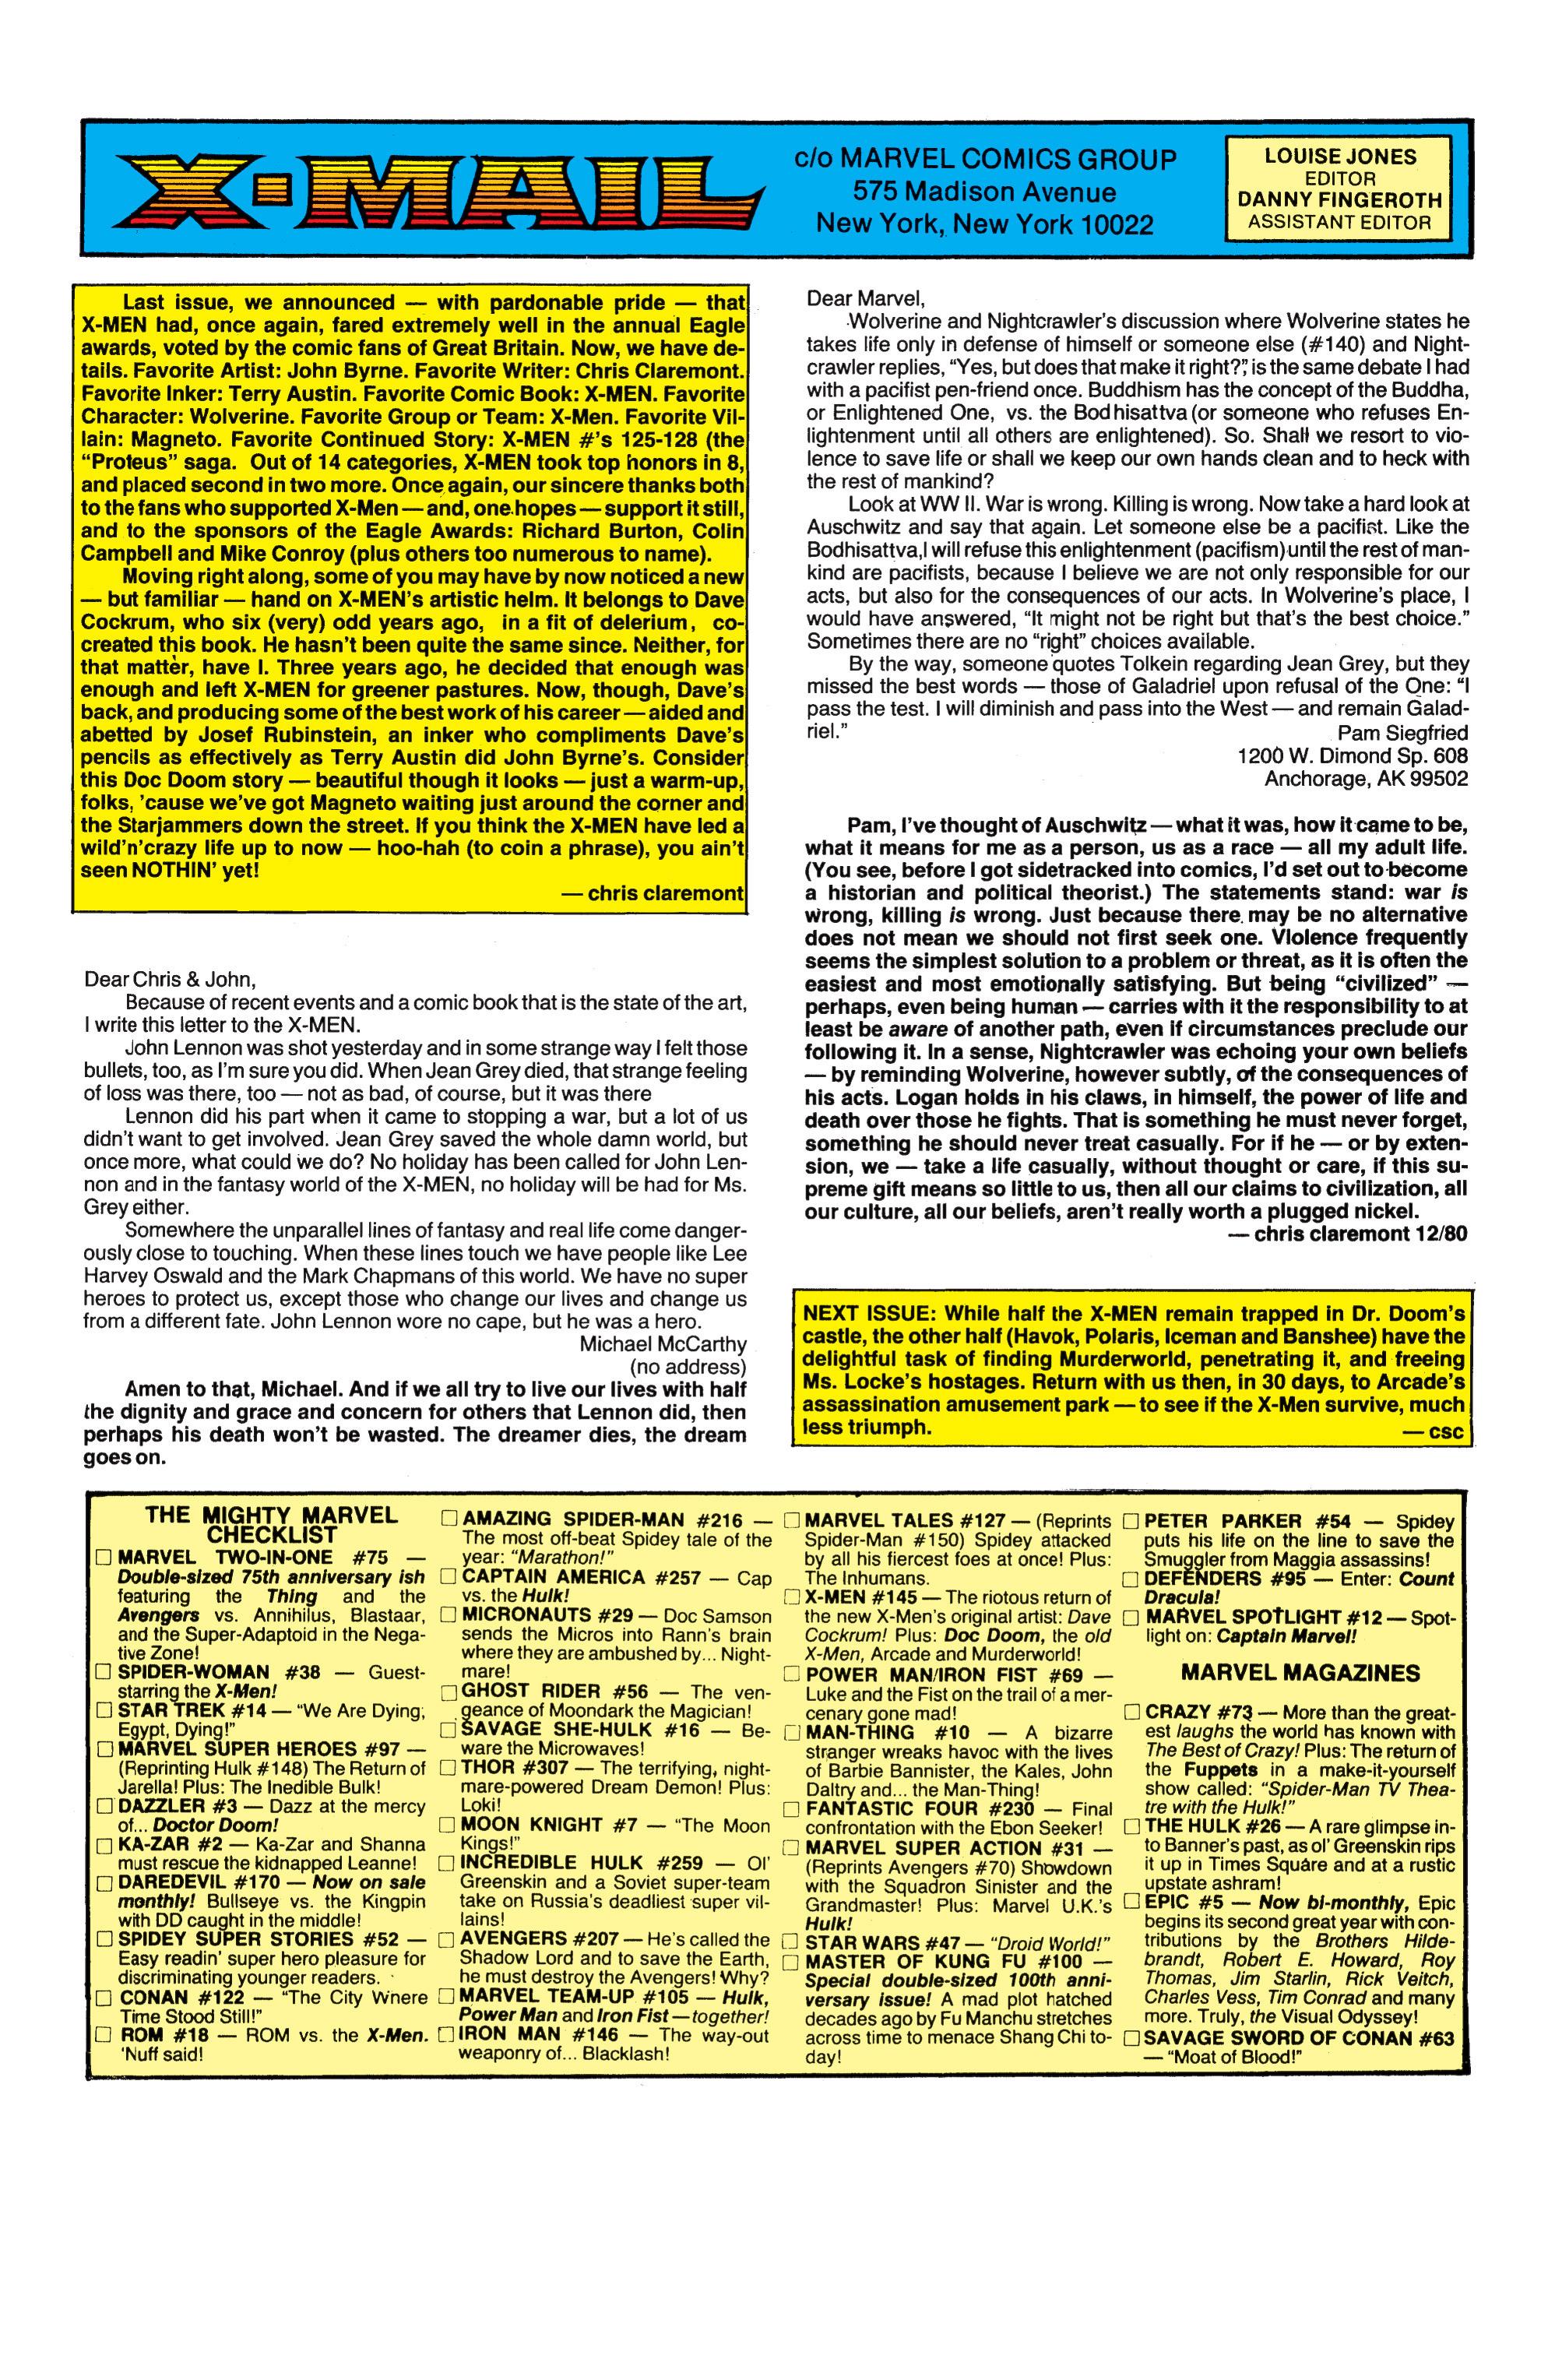 Read online Uncanny X-Men (1963) comic -  Issue #145 - 24